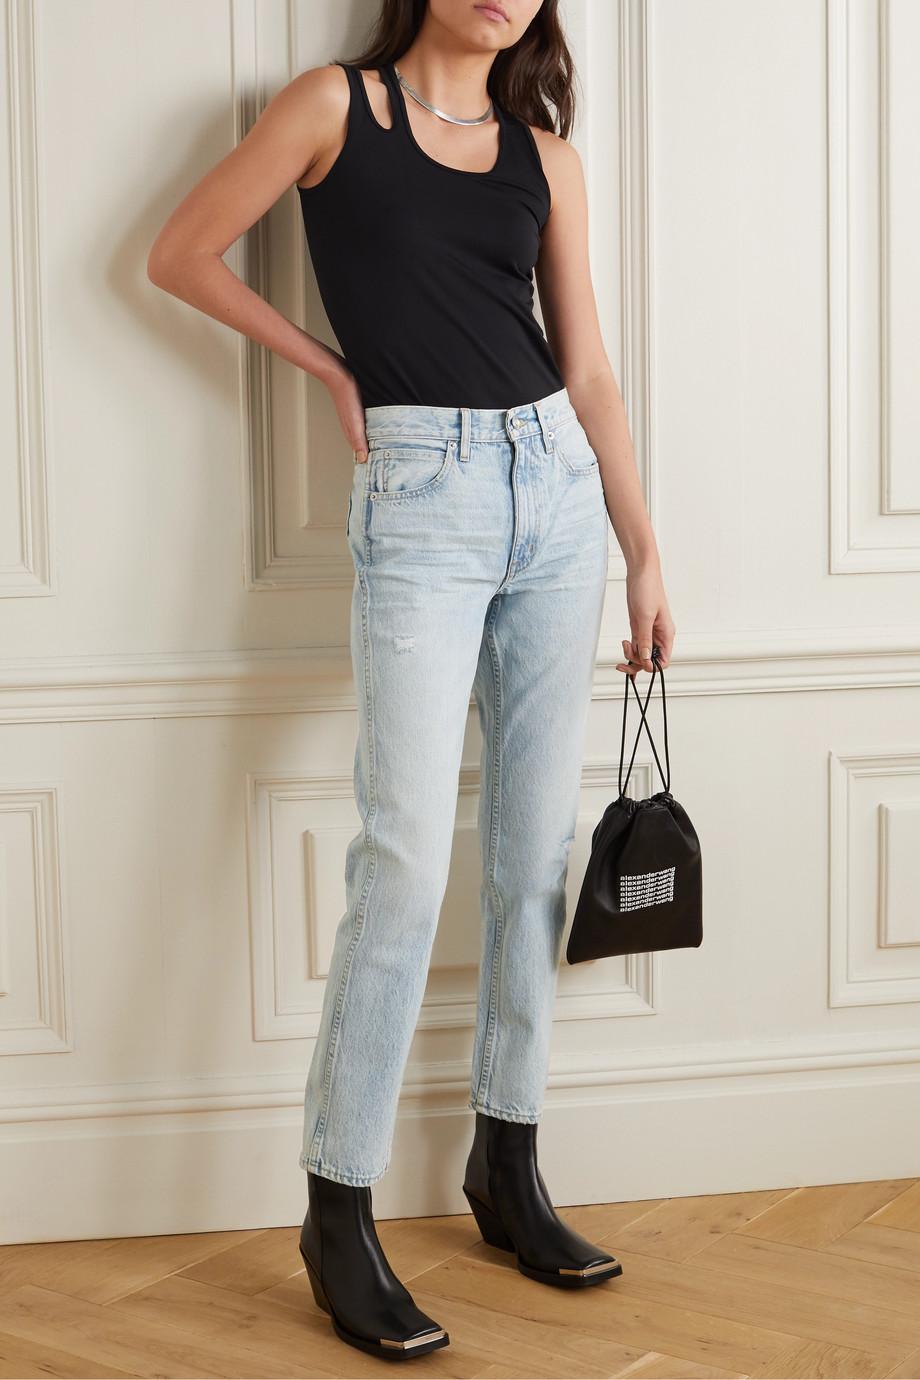 SLVRLAKE Virginia 高腰直筒牛仔裤